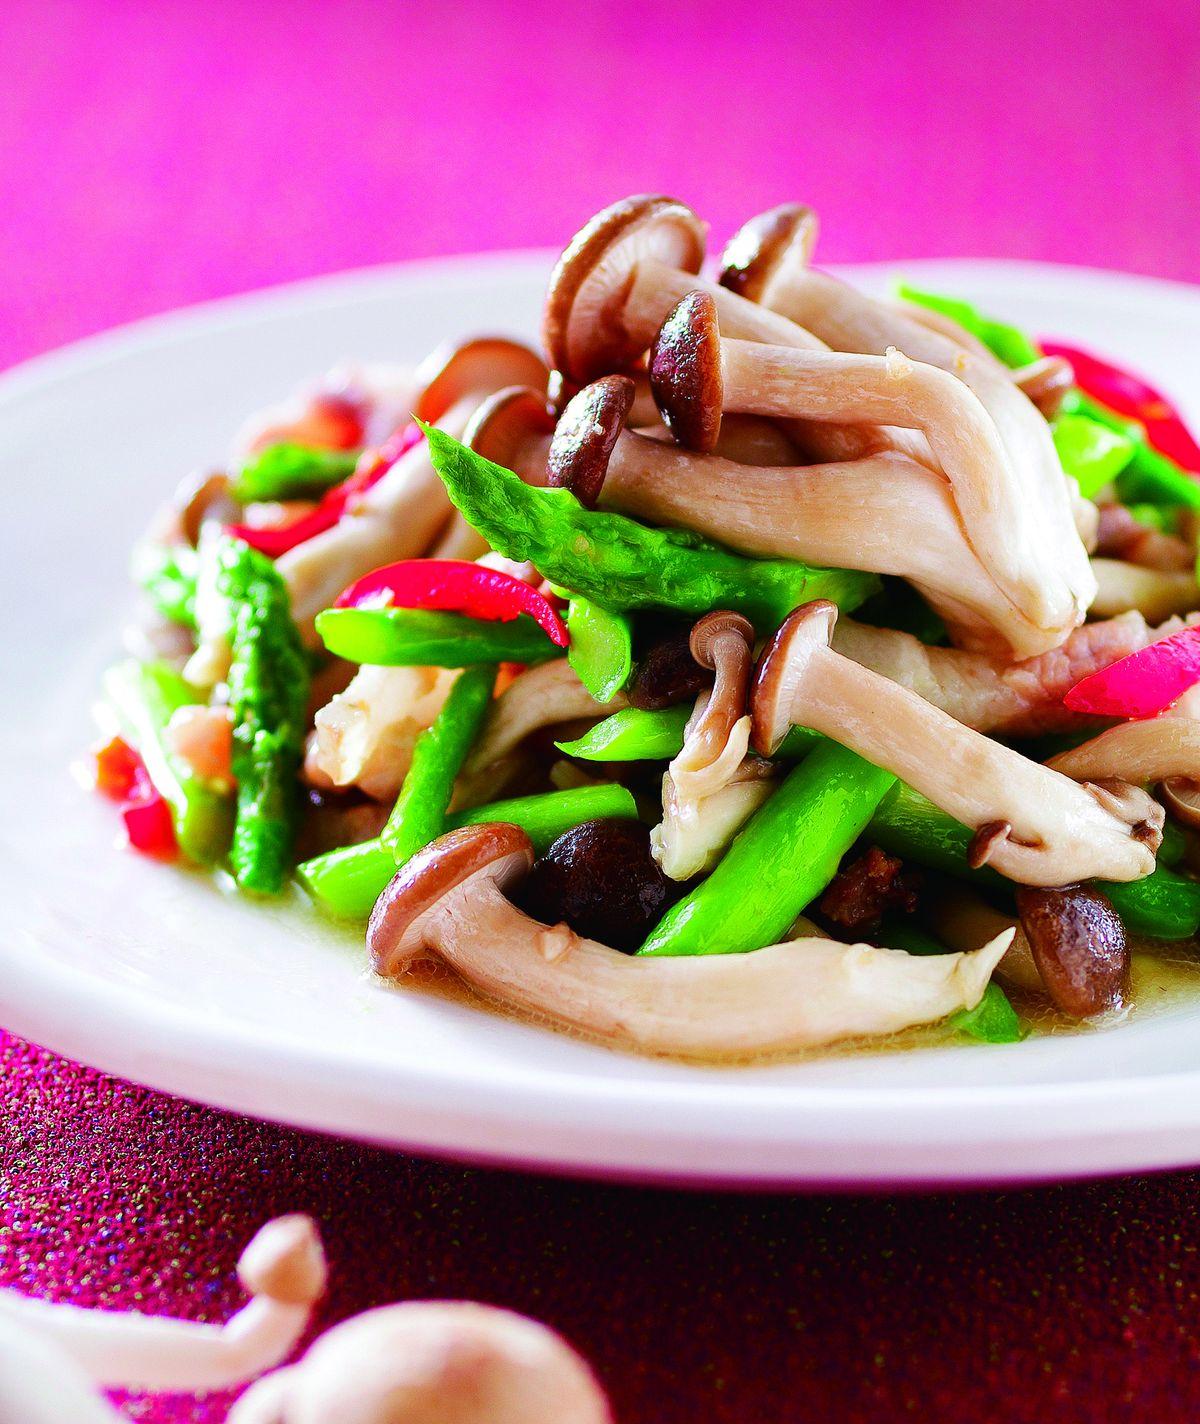 食譜:鴻喜菇炒蘆筍